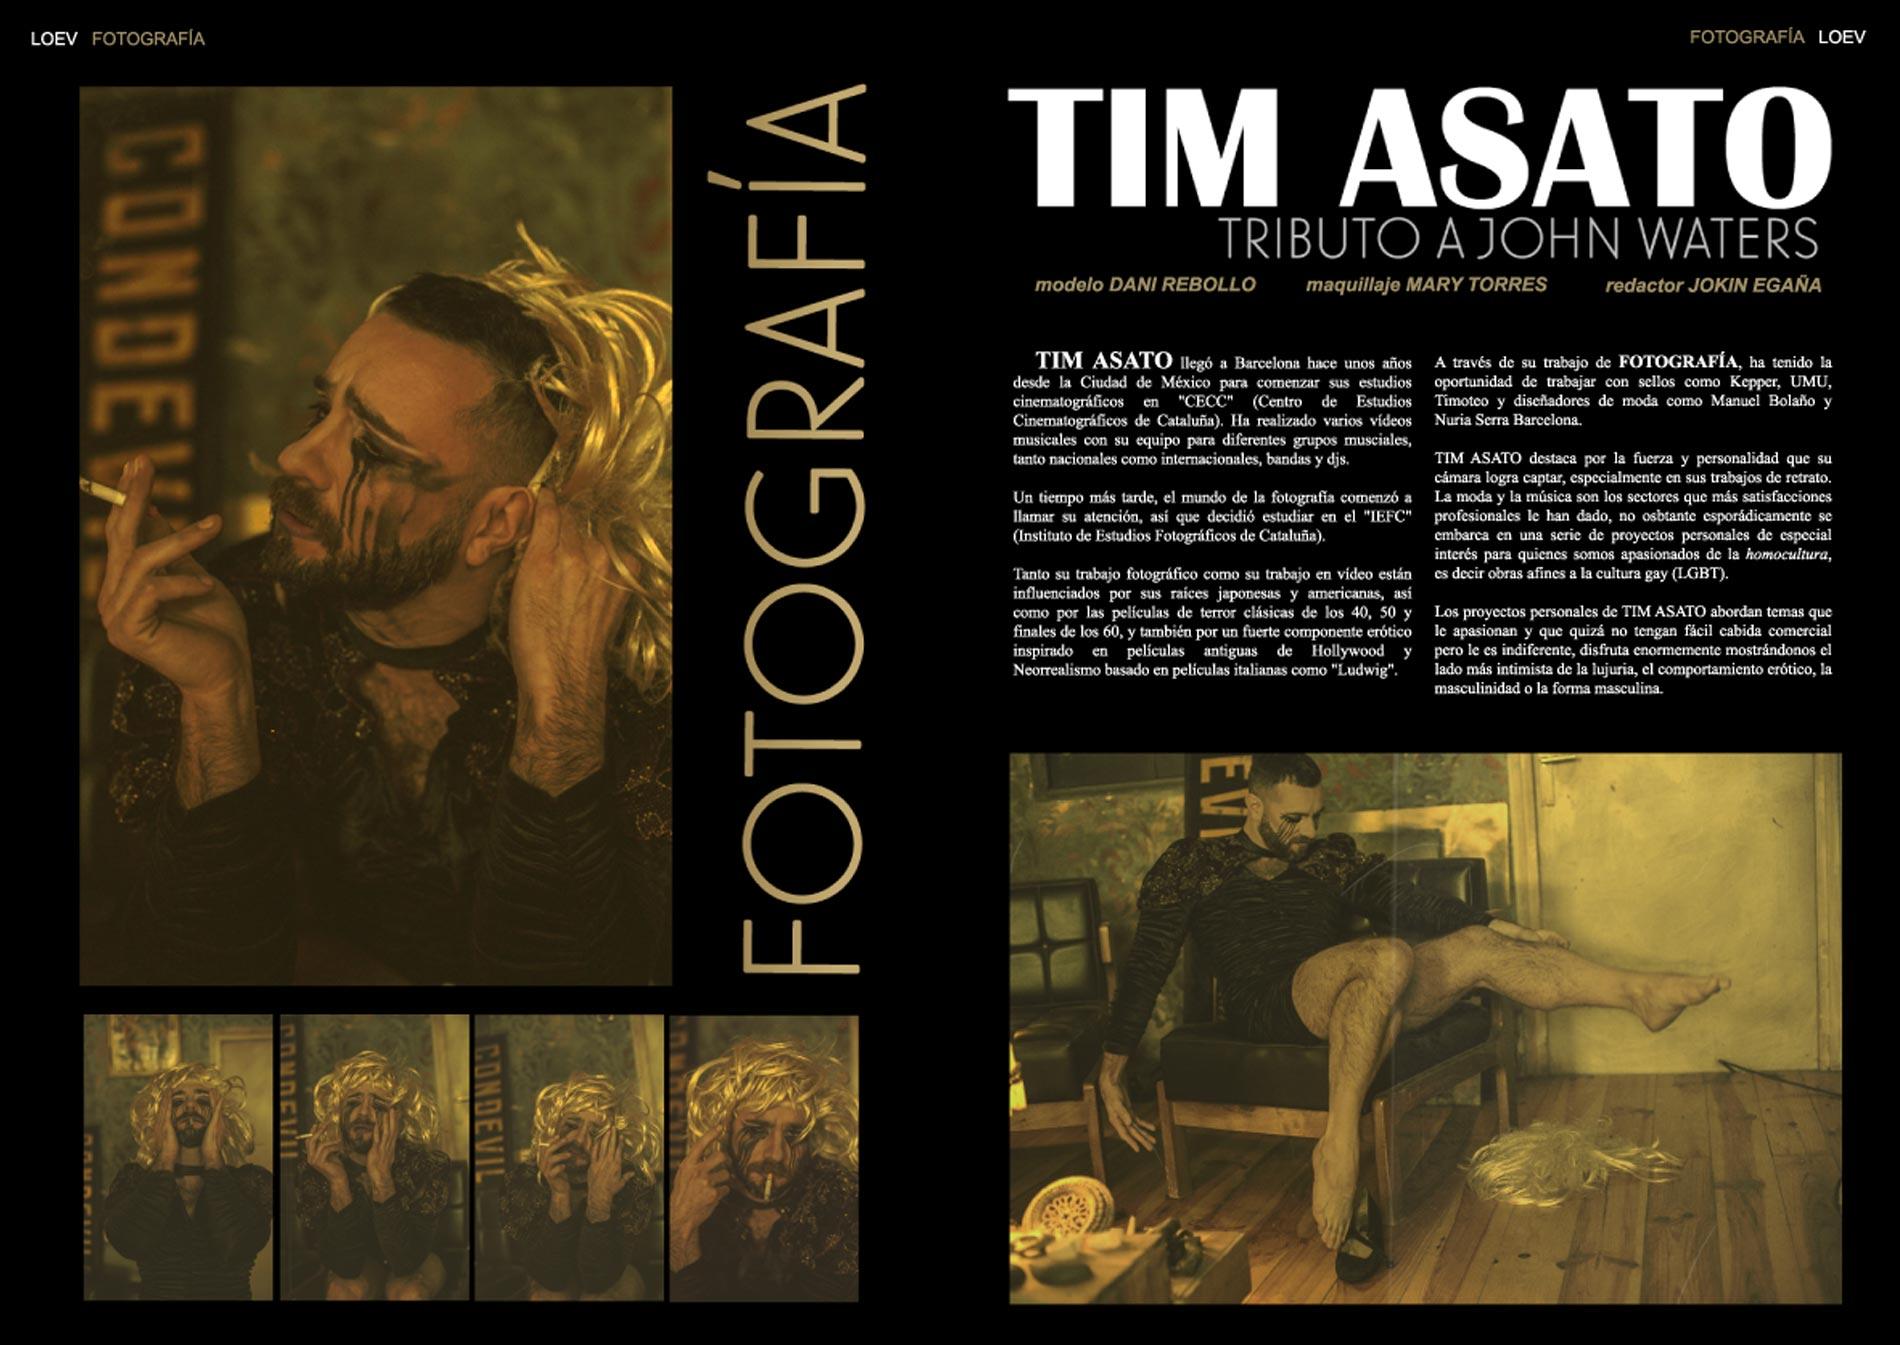 Tim Asato en la revista gay Loev Magazine